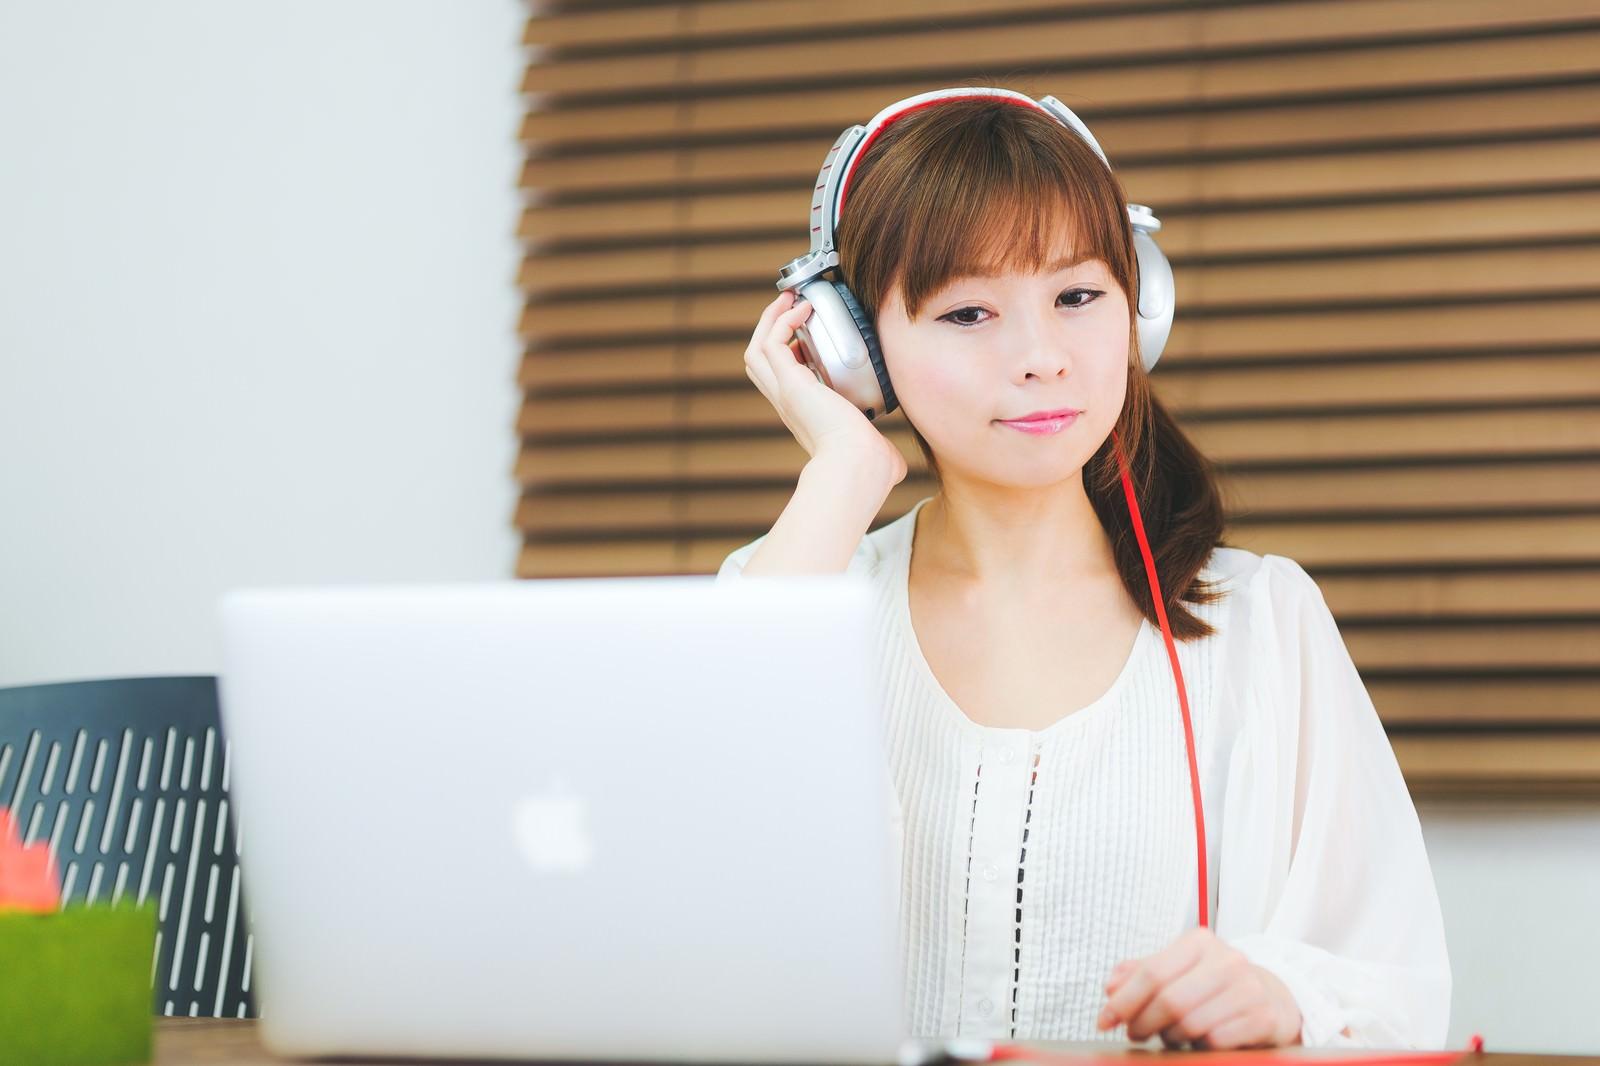 「ヘッドフォンで音楽を聴きながらノマドする女性」の写真[モデル:暢子]